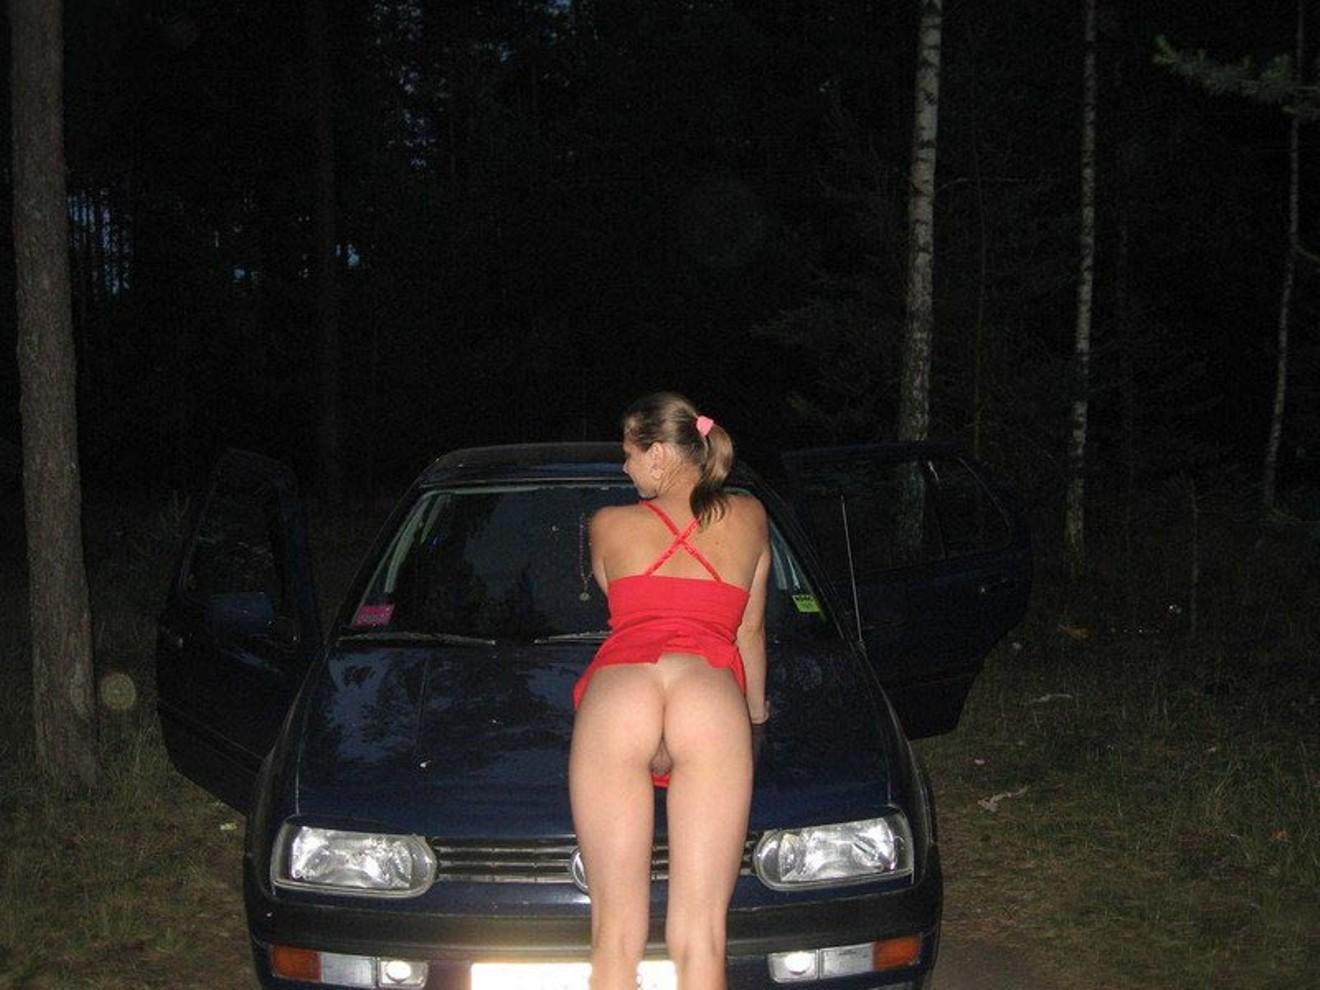 putas en el coche